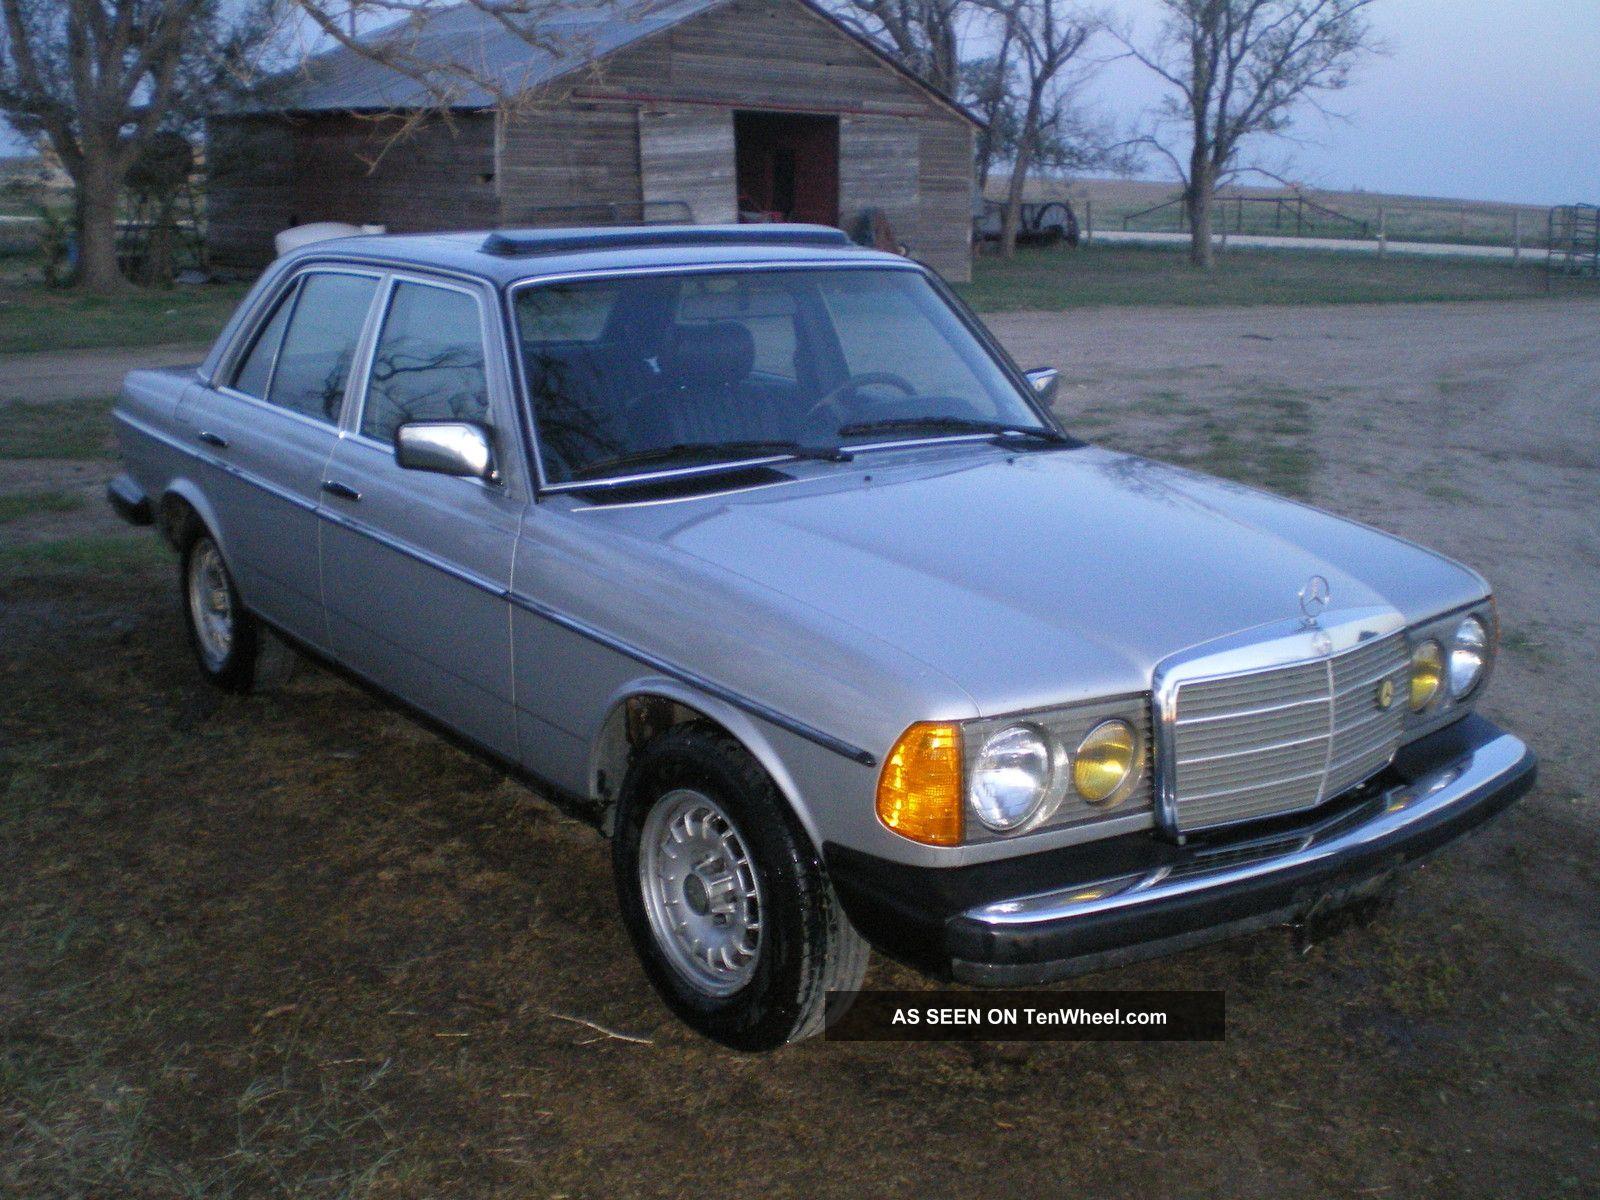 1982 mercedes turbo diesel 300d luxury car for Mercedes benz turbo diesel